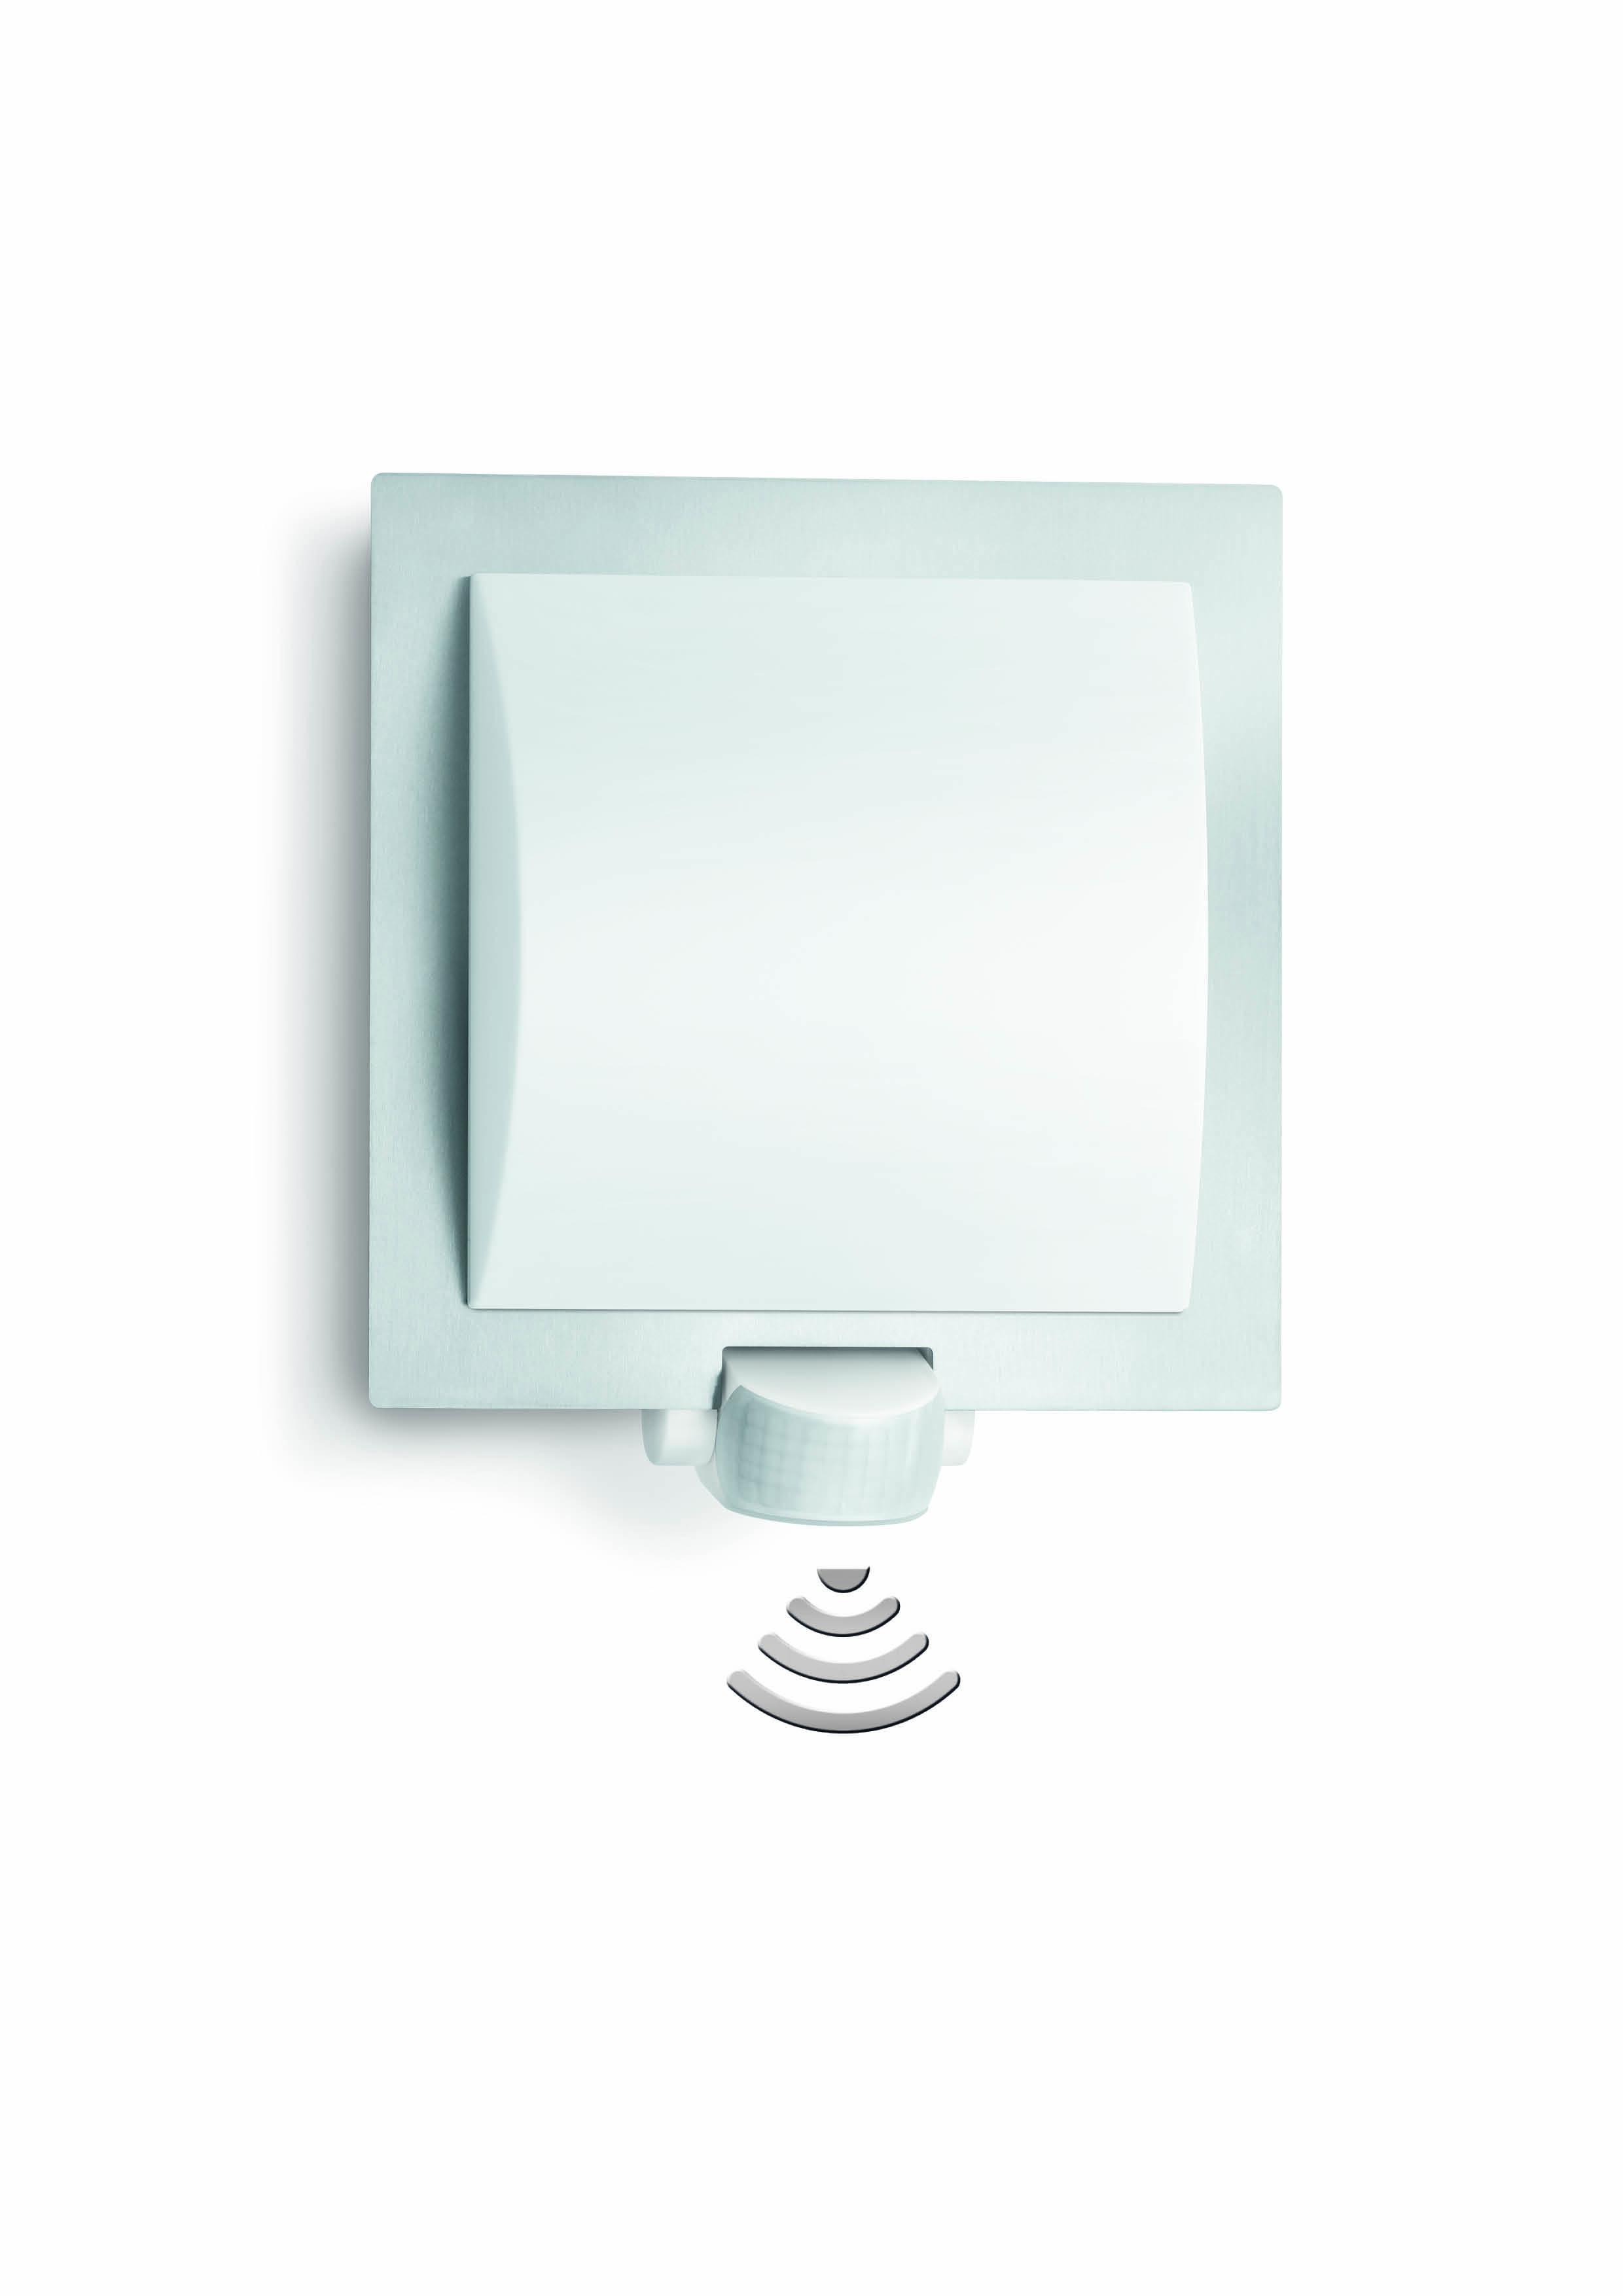 Lampe ext rieure l 20 applique d tection for Applique exterieure a detection